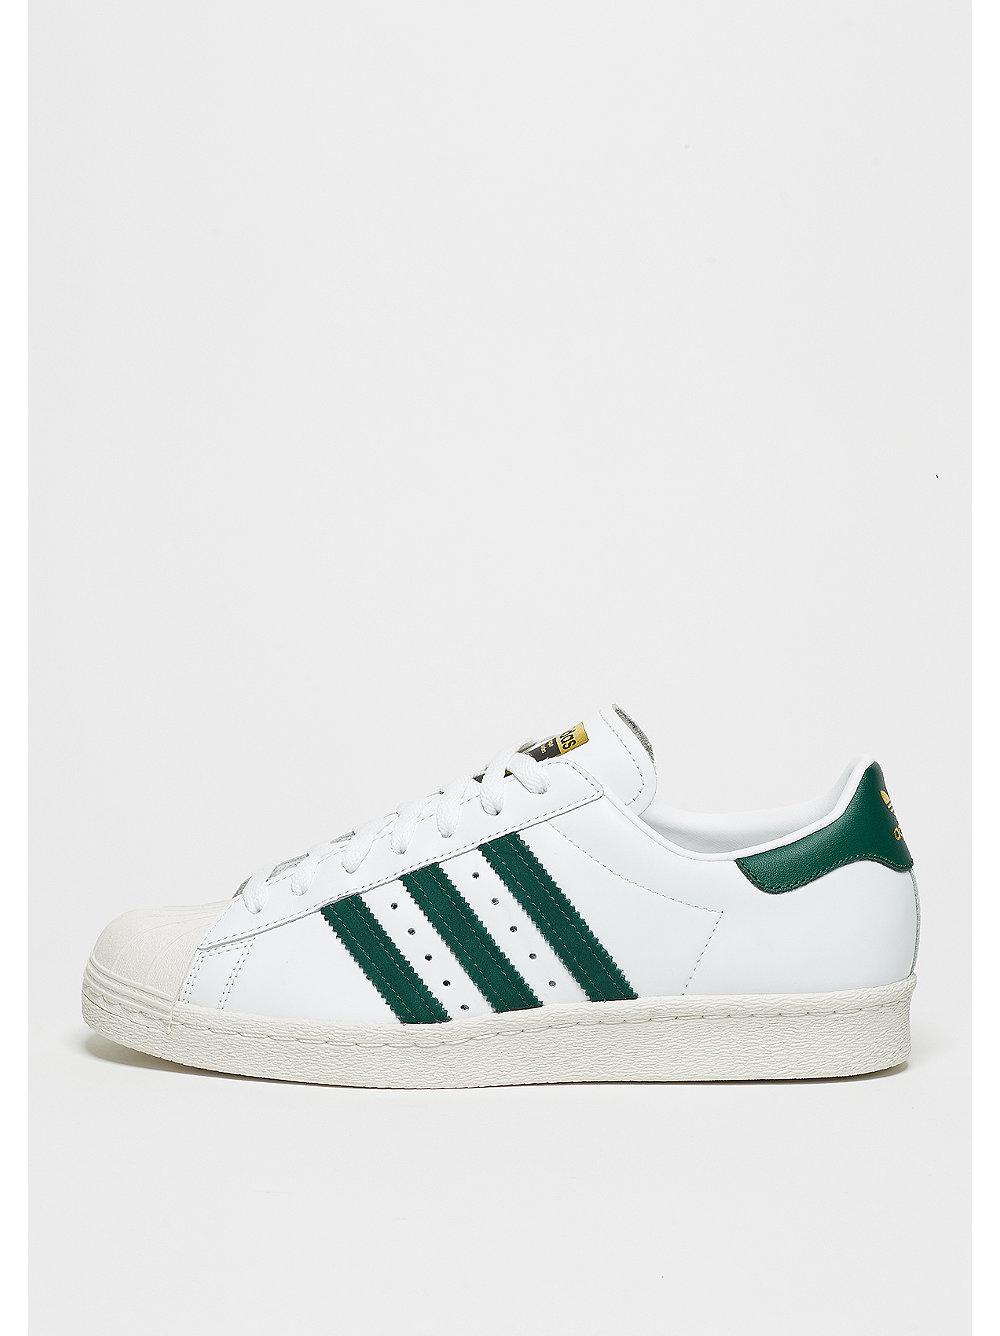 adidas Superstar 80s white